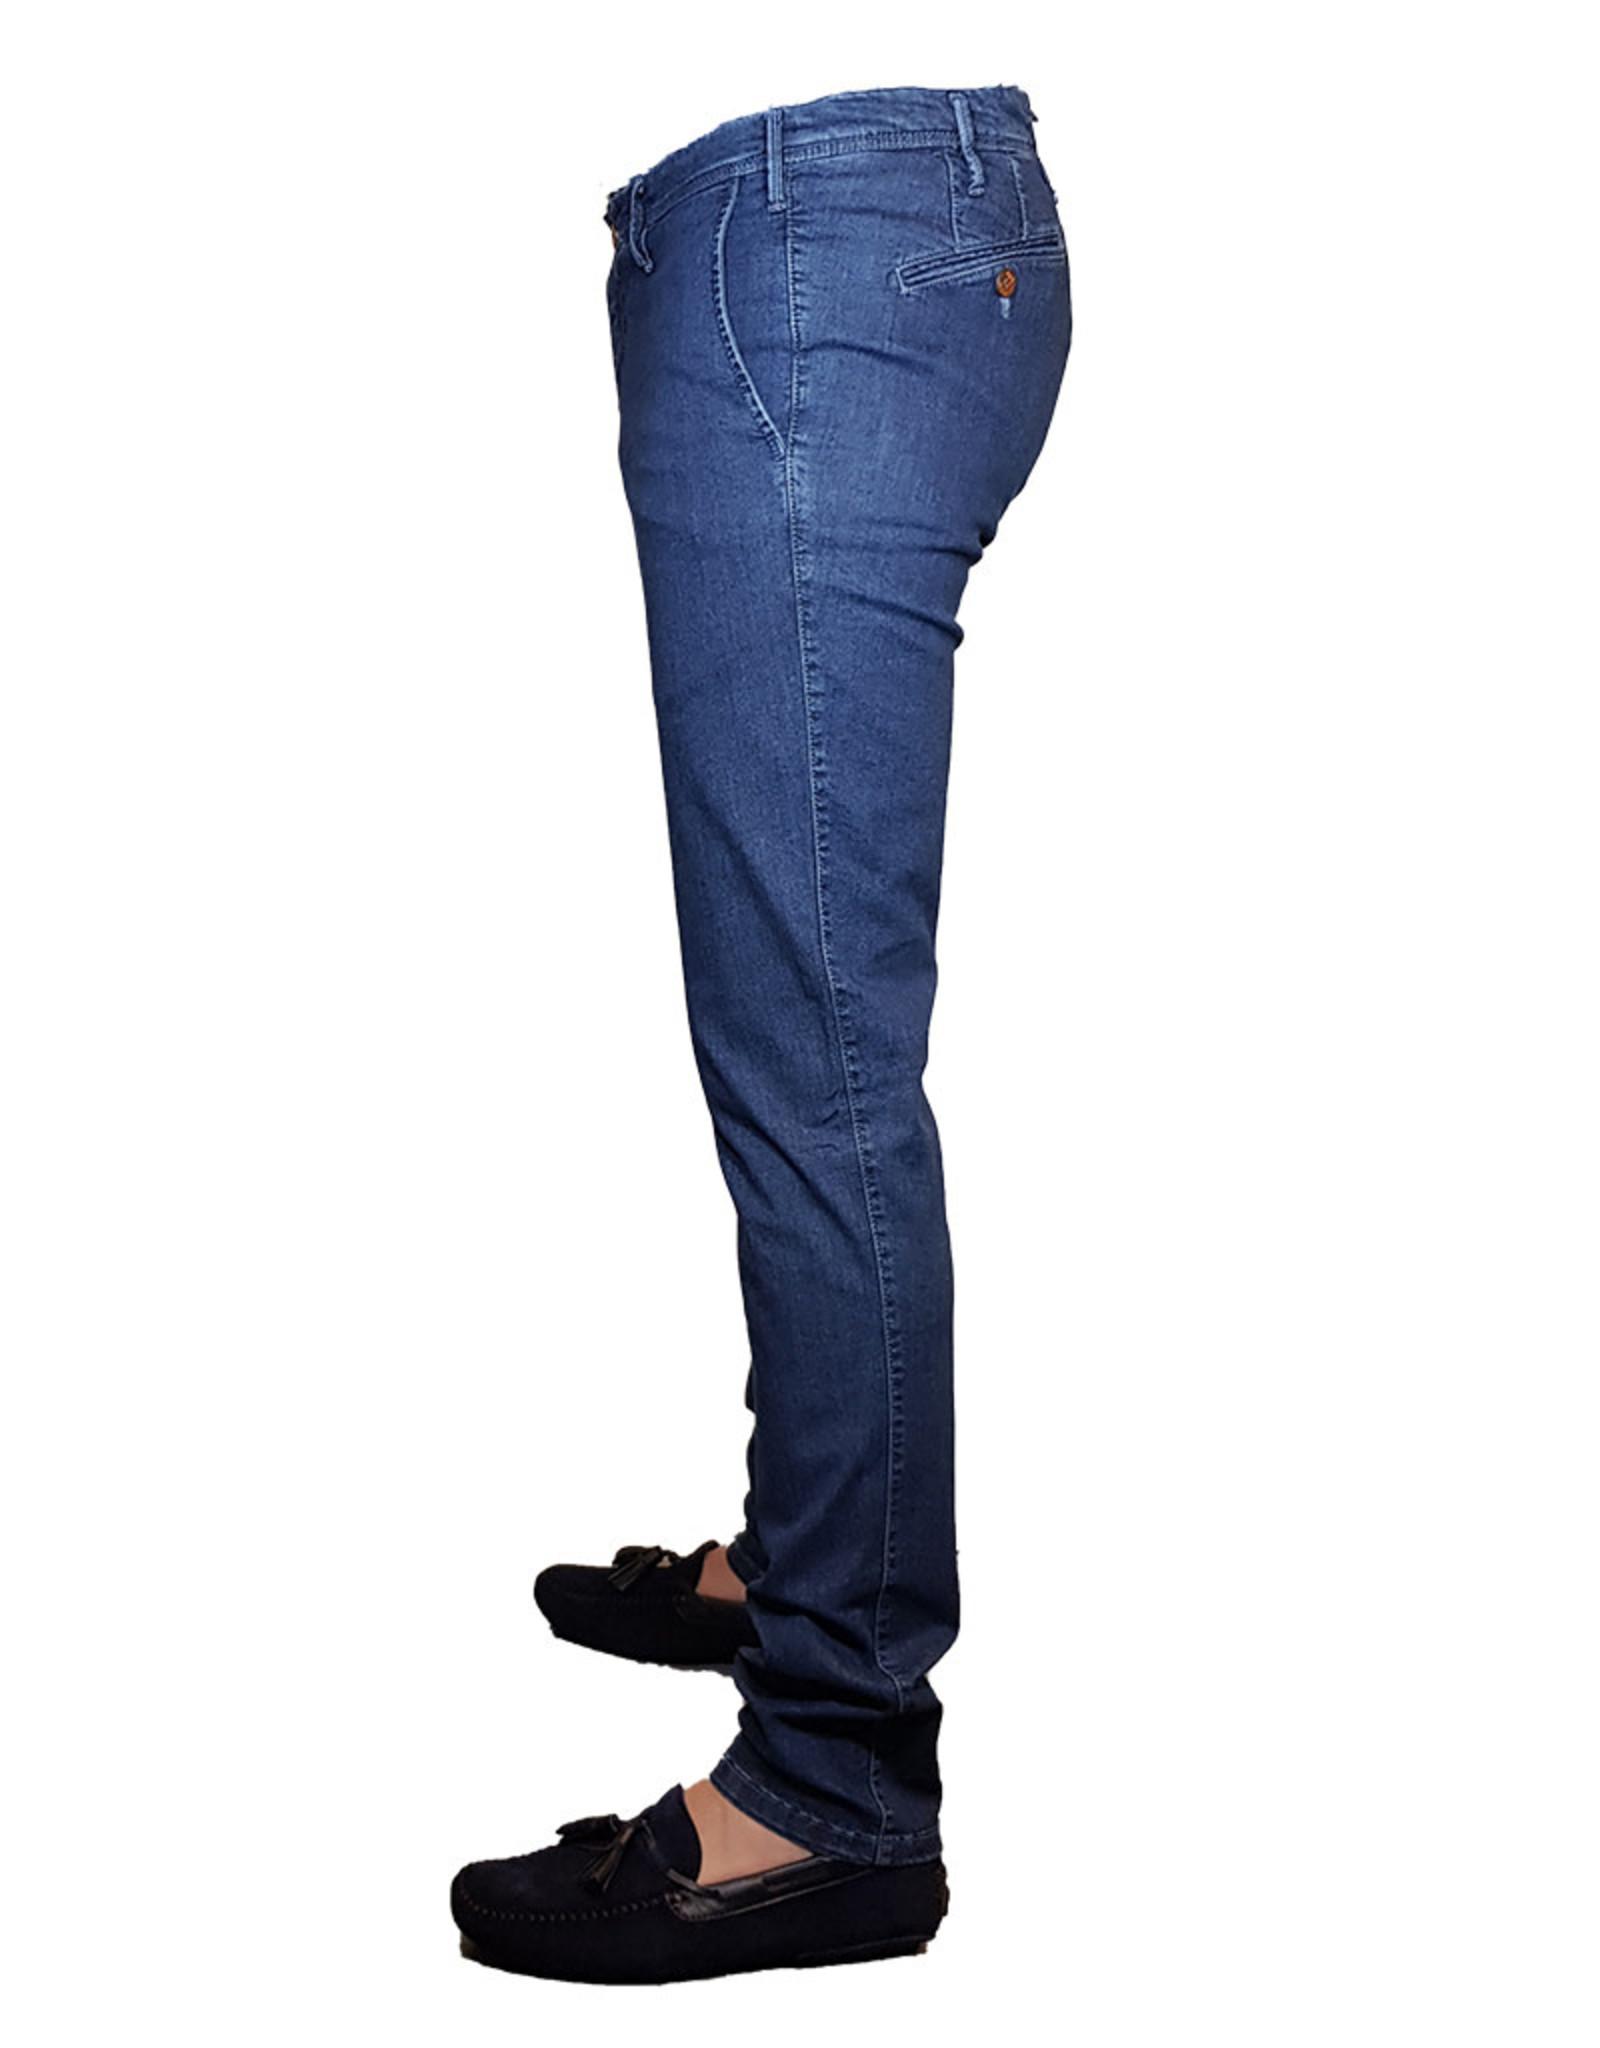 MMX MMX broek jeans blauw Lupus 7096/17